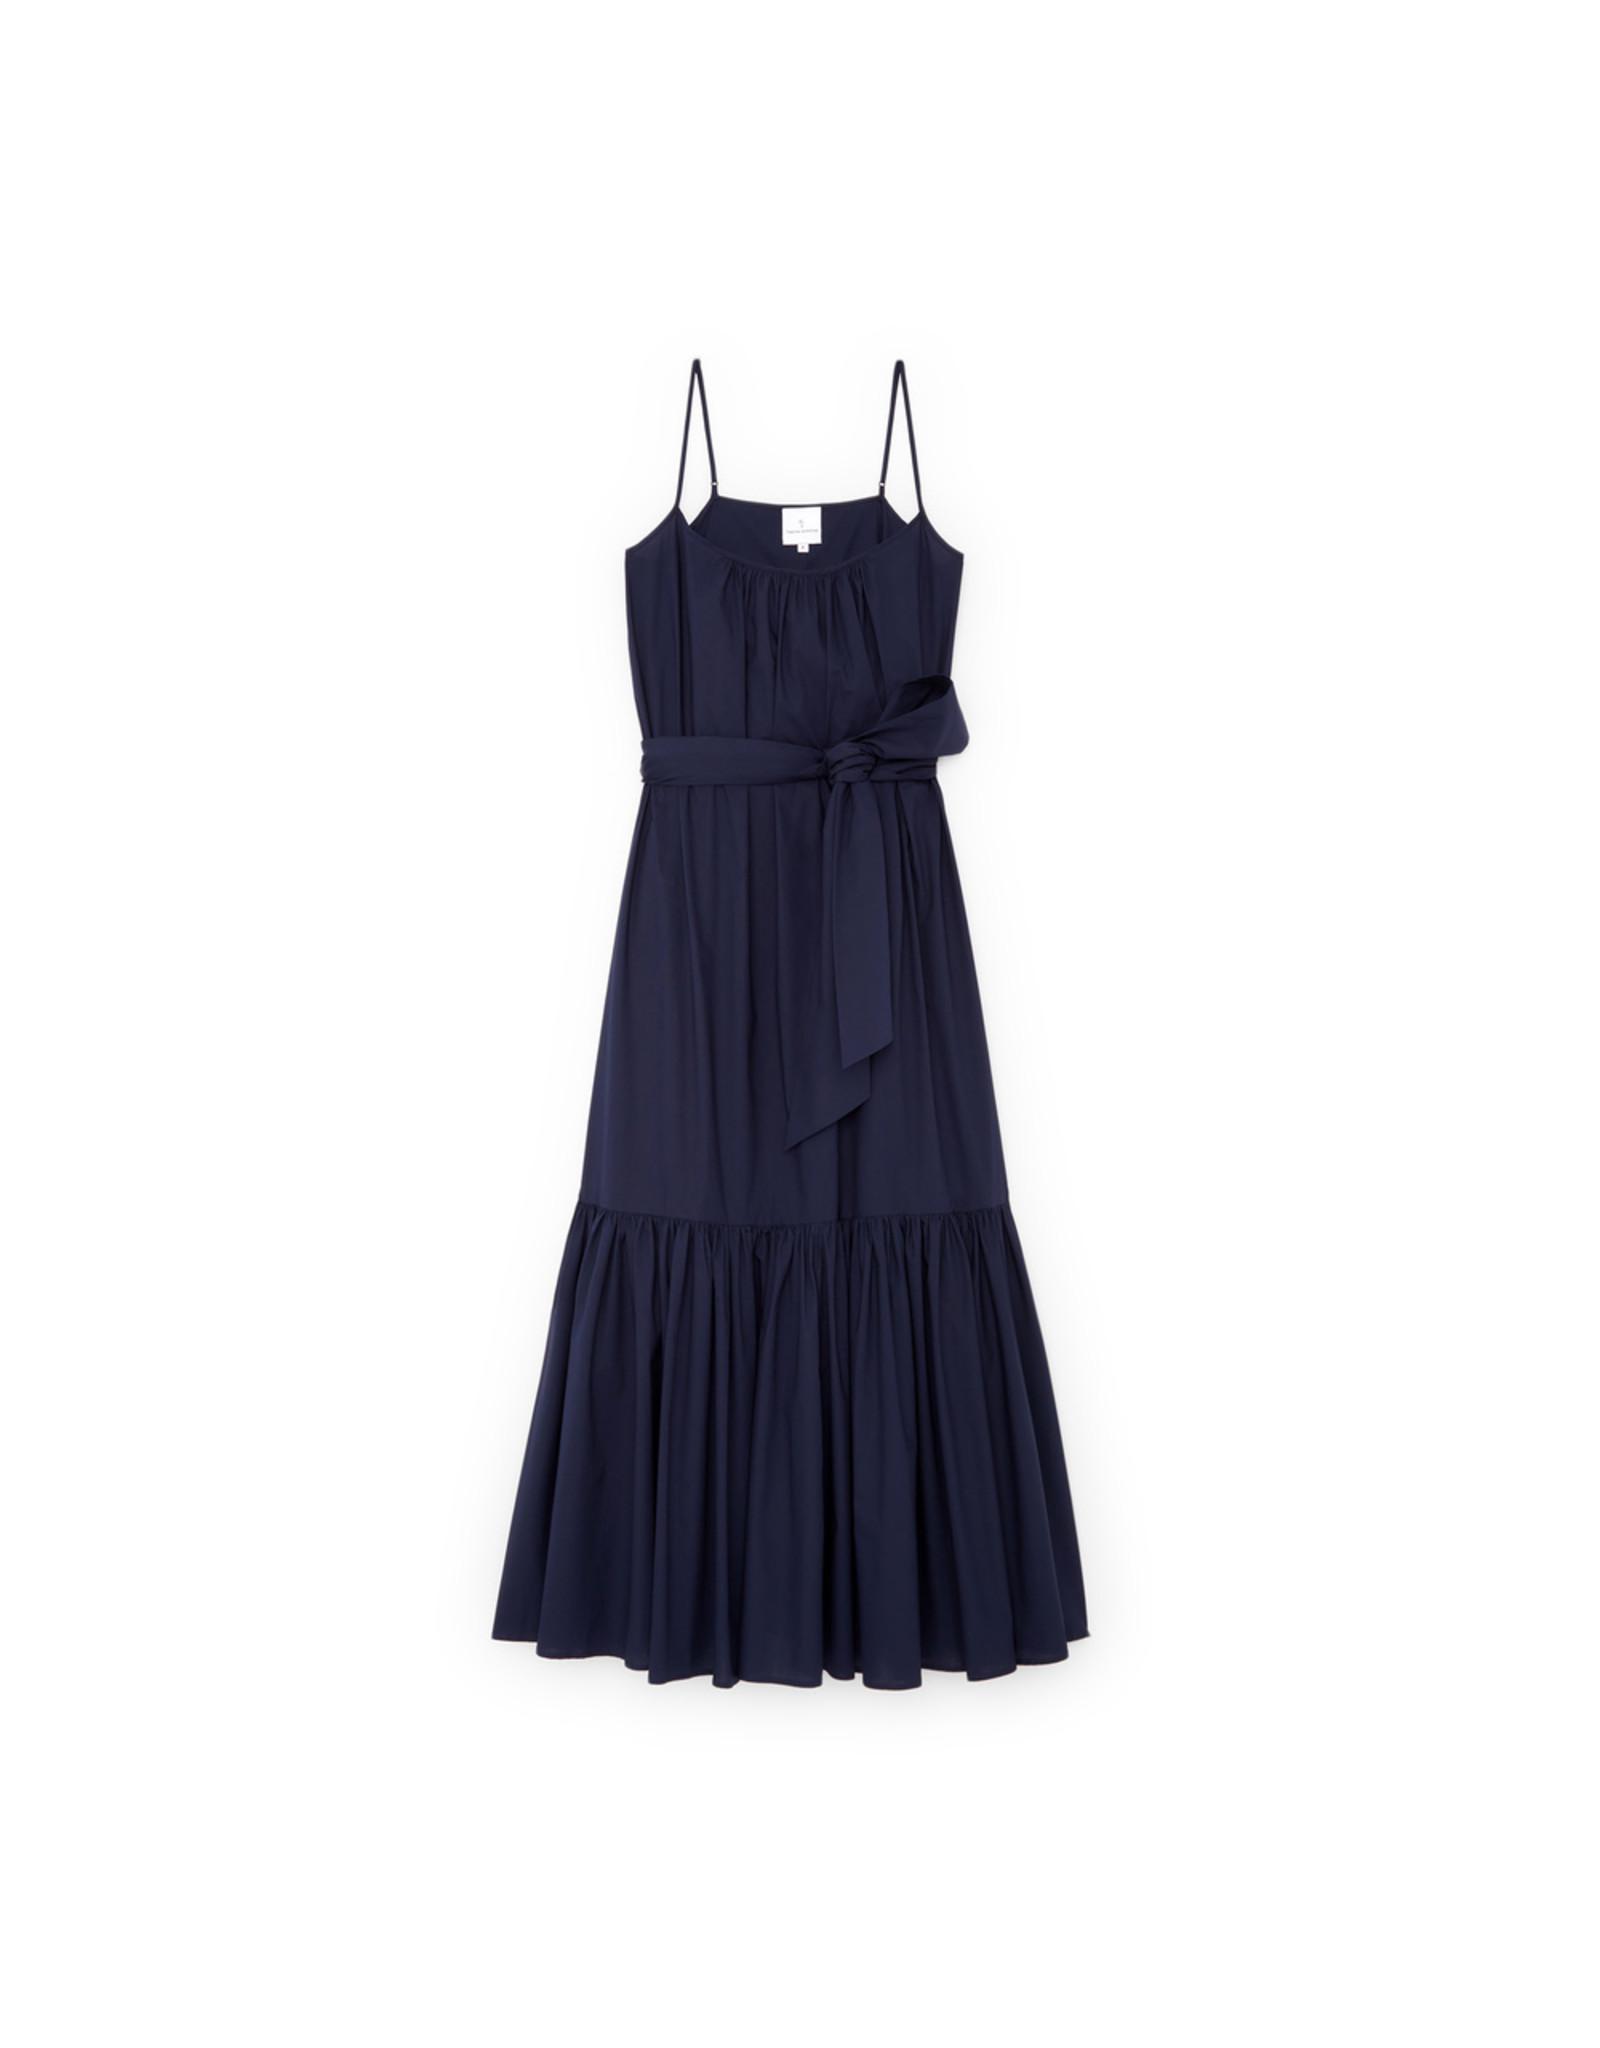 G. Label G. Label Capri Skinny Strap Dress (Color: Navy, Size: M)